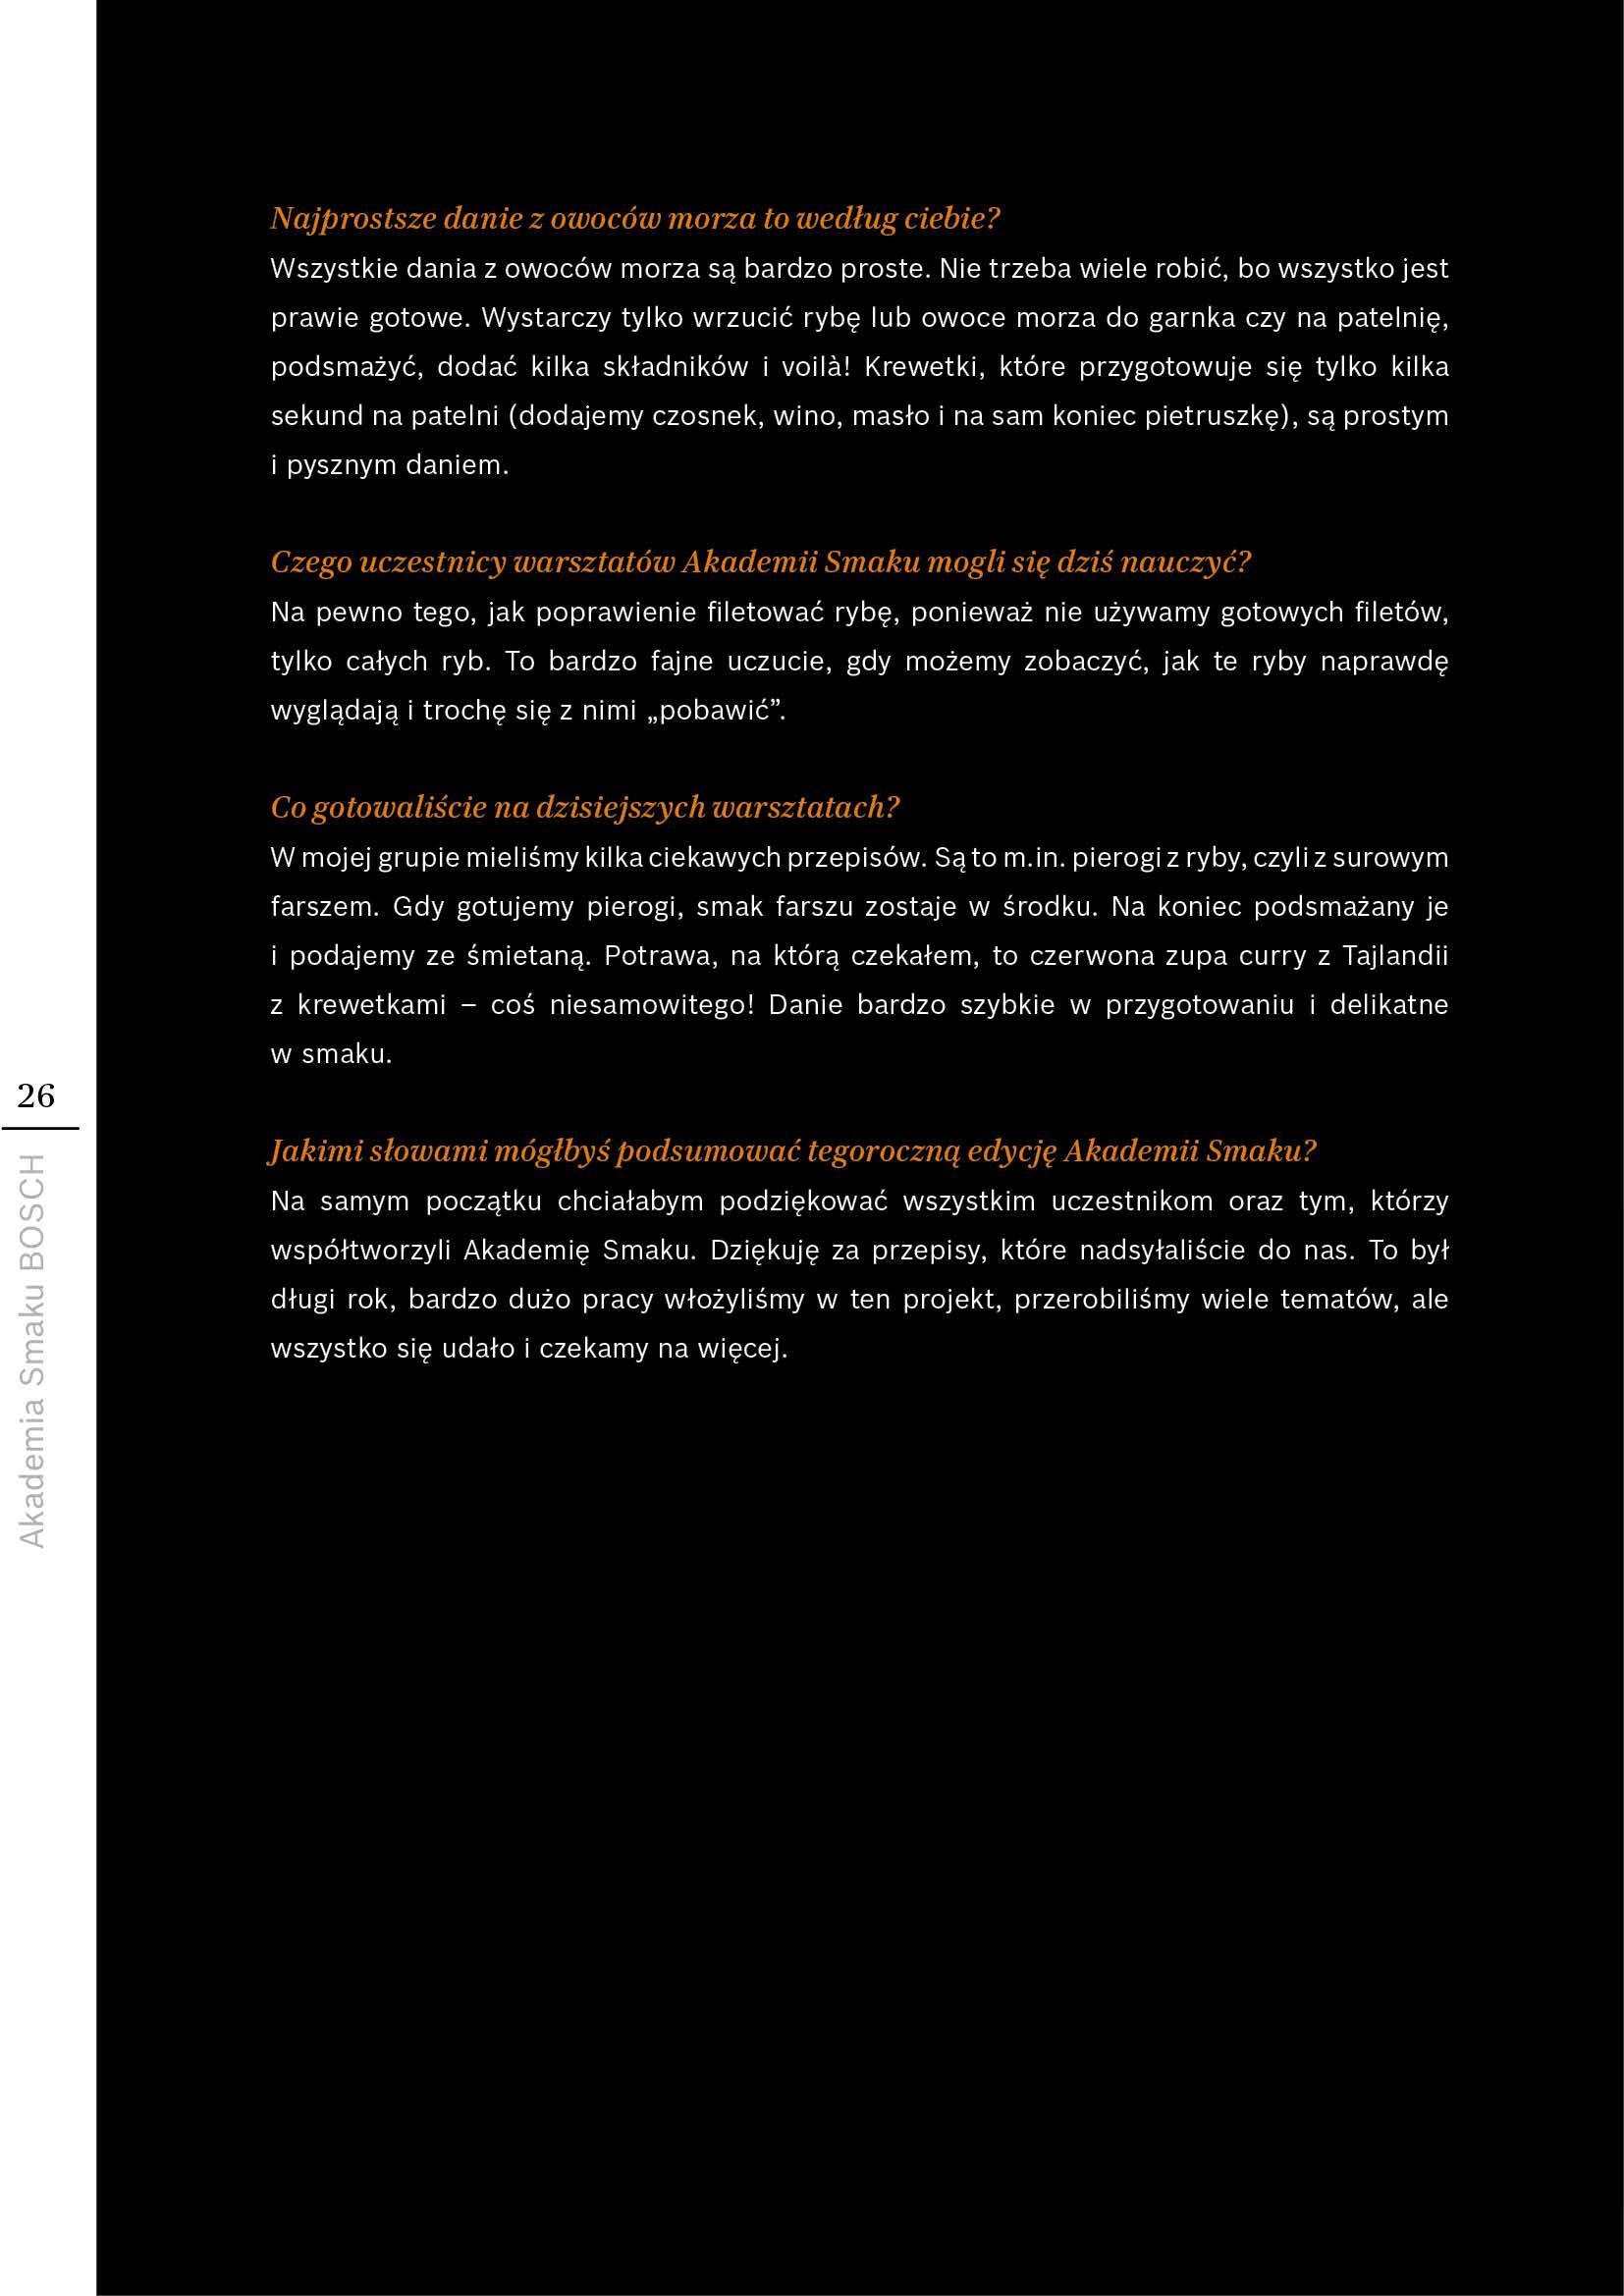 Głębia Smaku - Strona 26